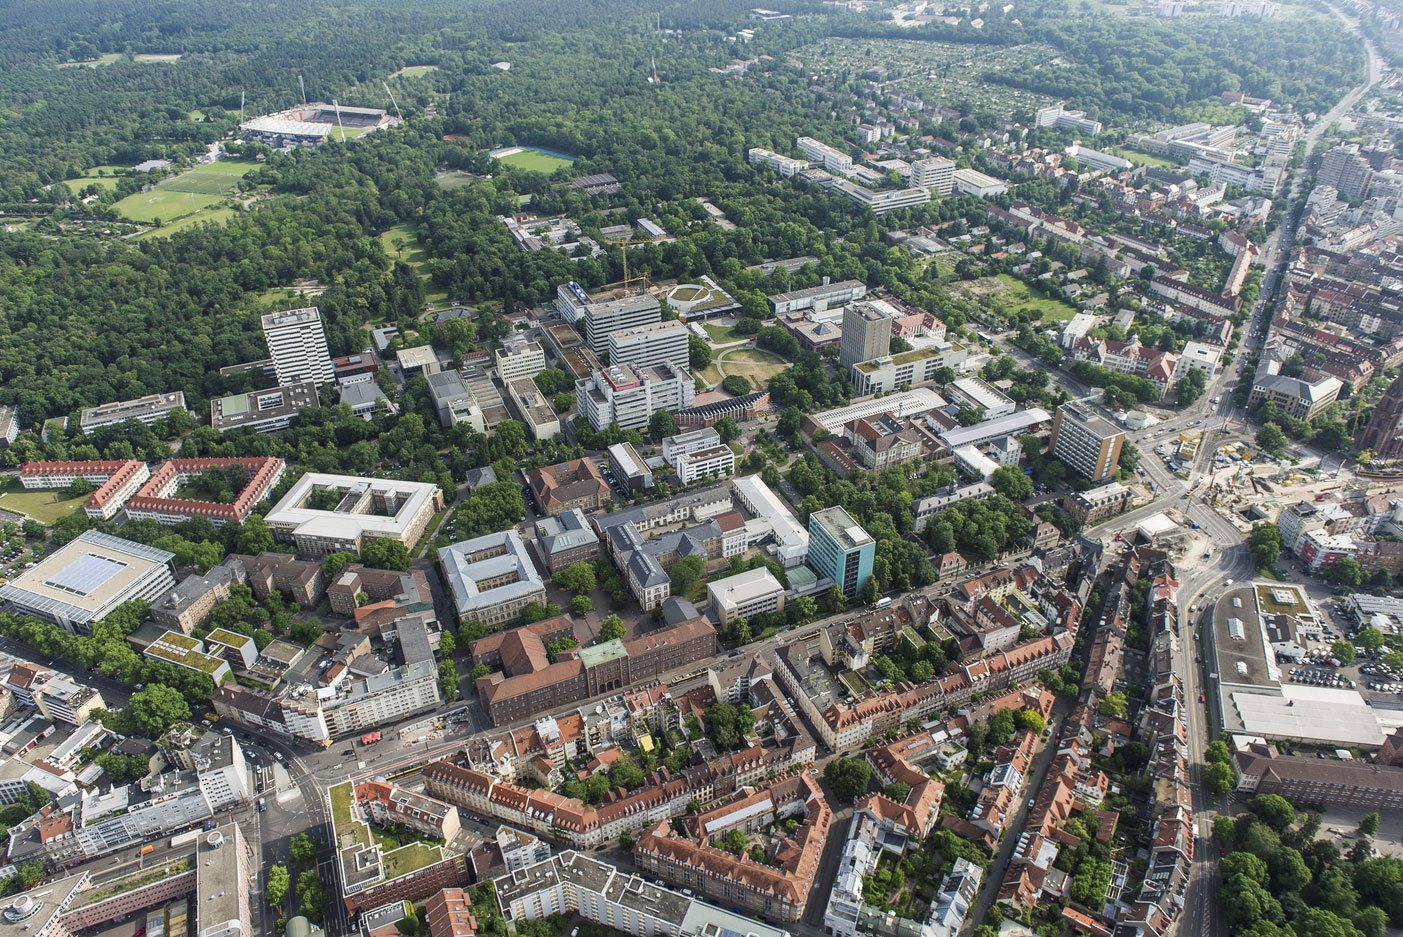 Satelliten_finden_nachhaltige_Energie_in_Staedten / Pressebild: KIT